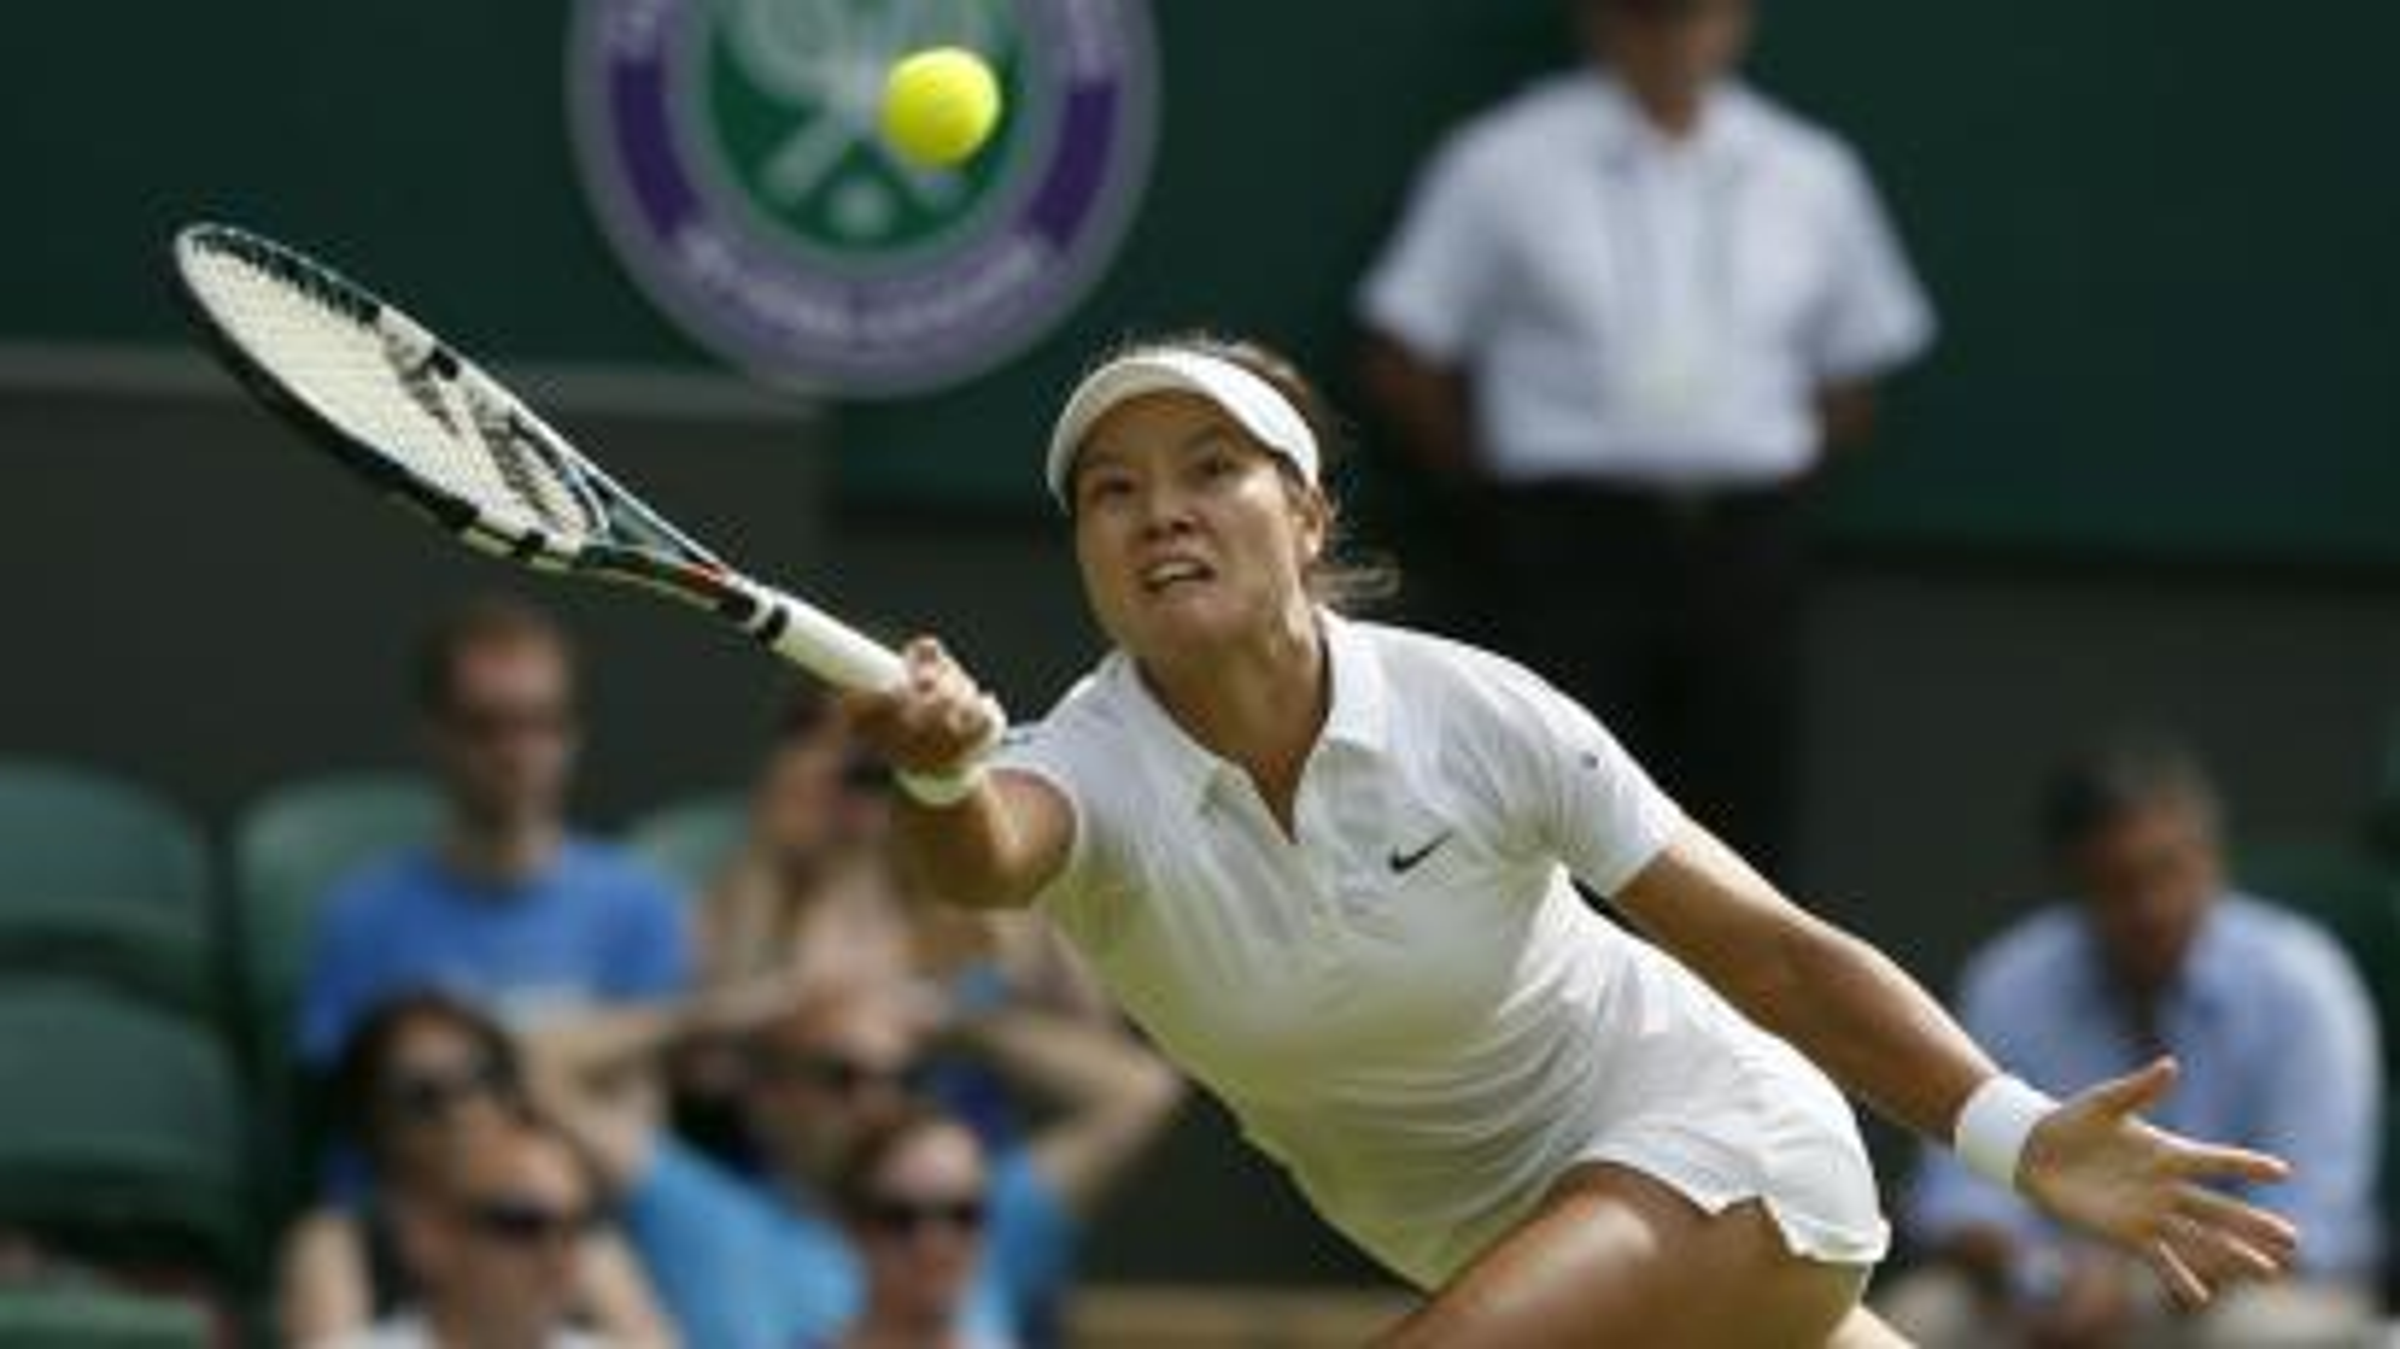 Li Na at Wimbledon